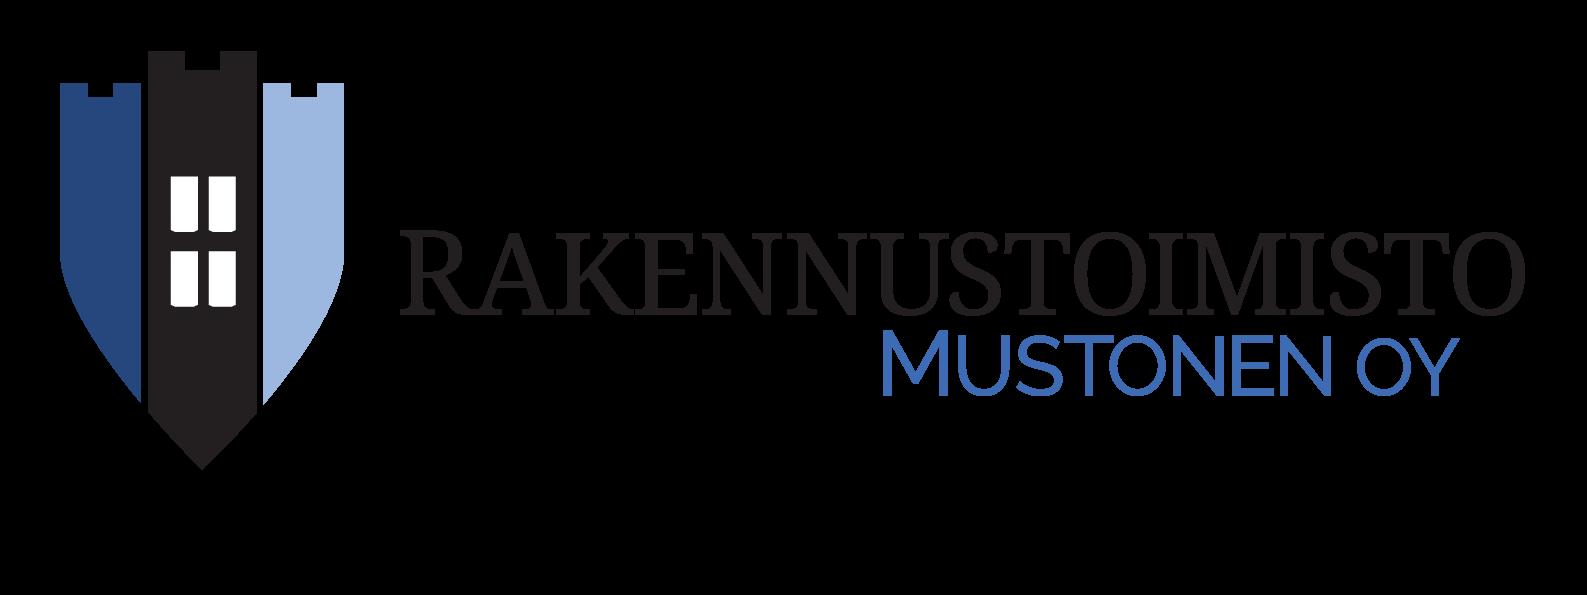 Rakennustoimisto Mustonen Oy